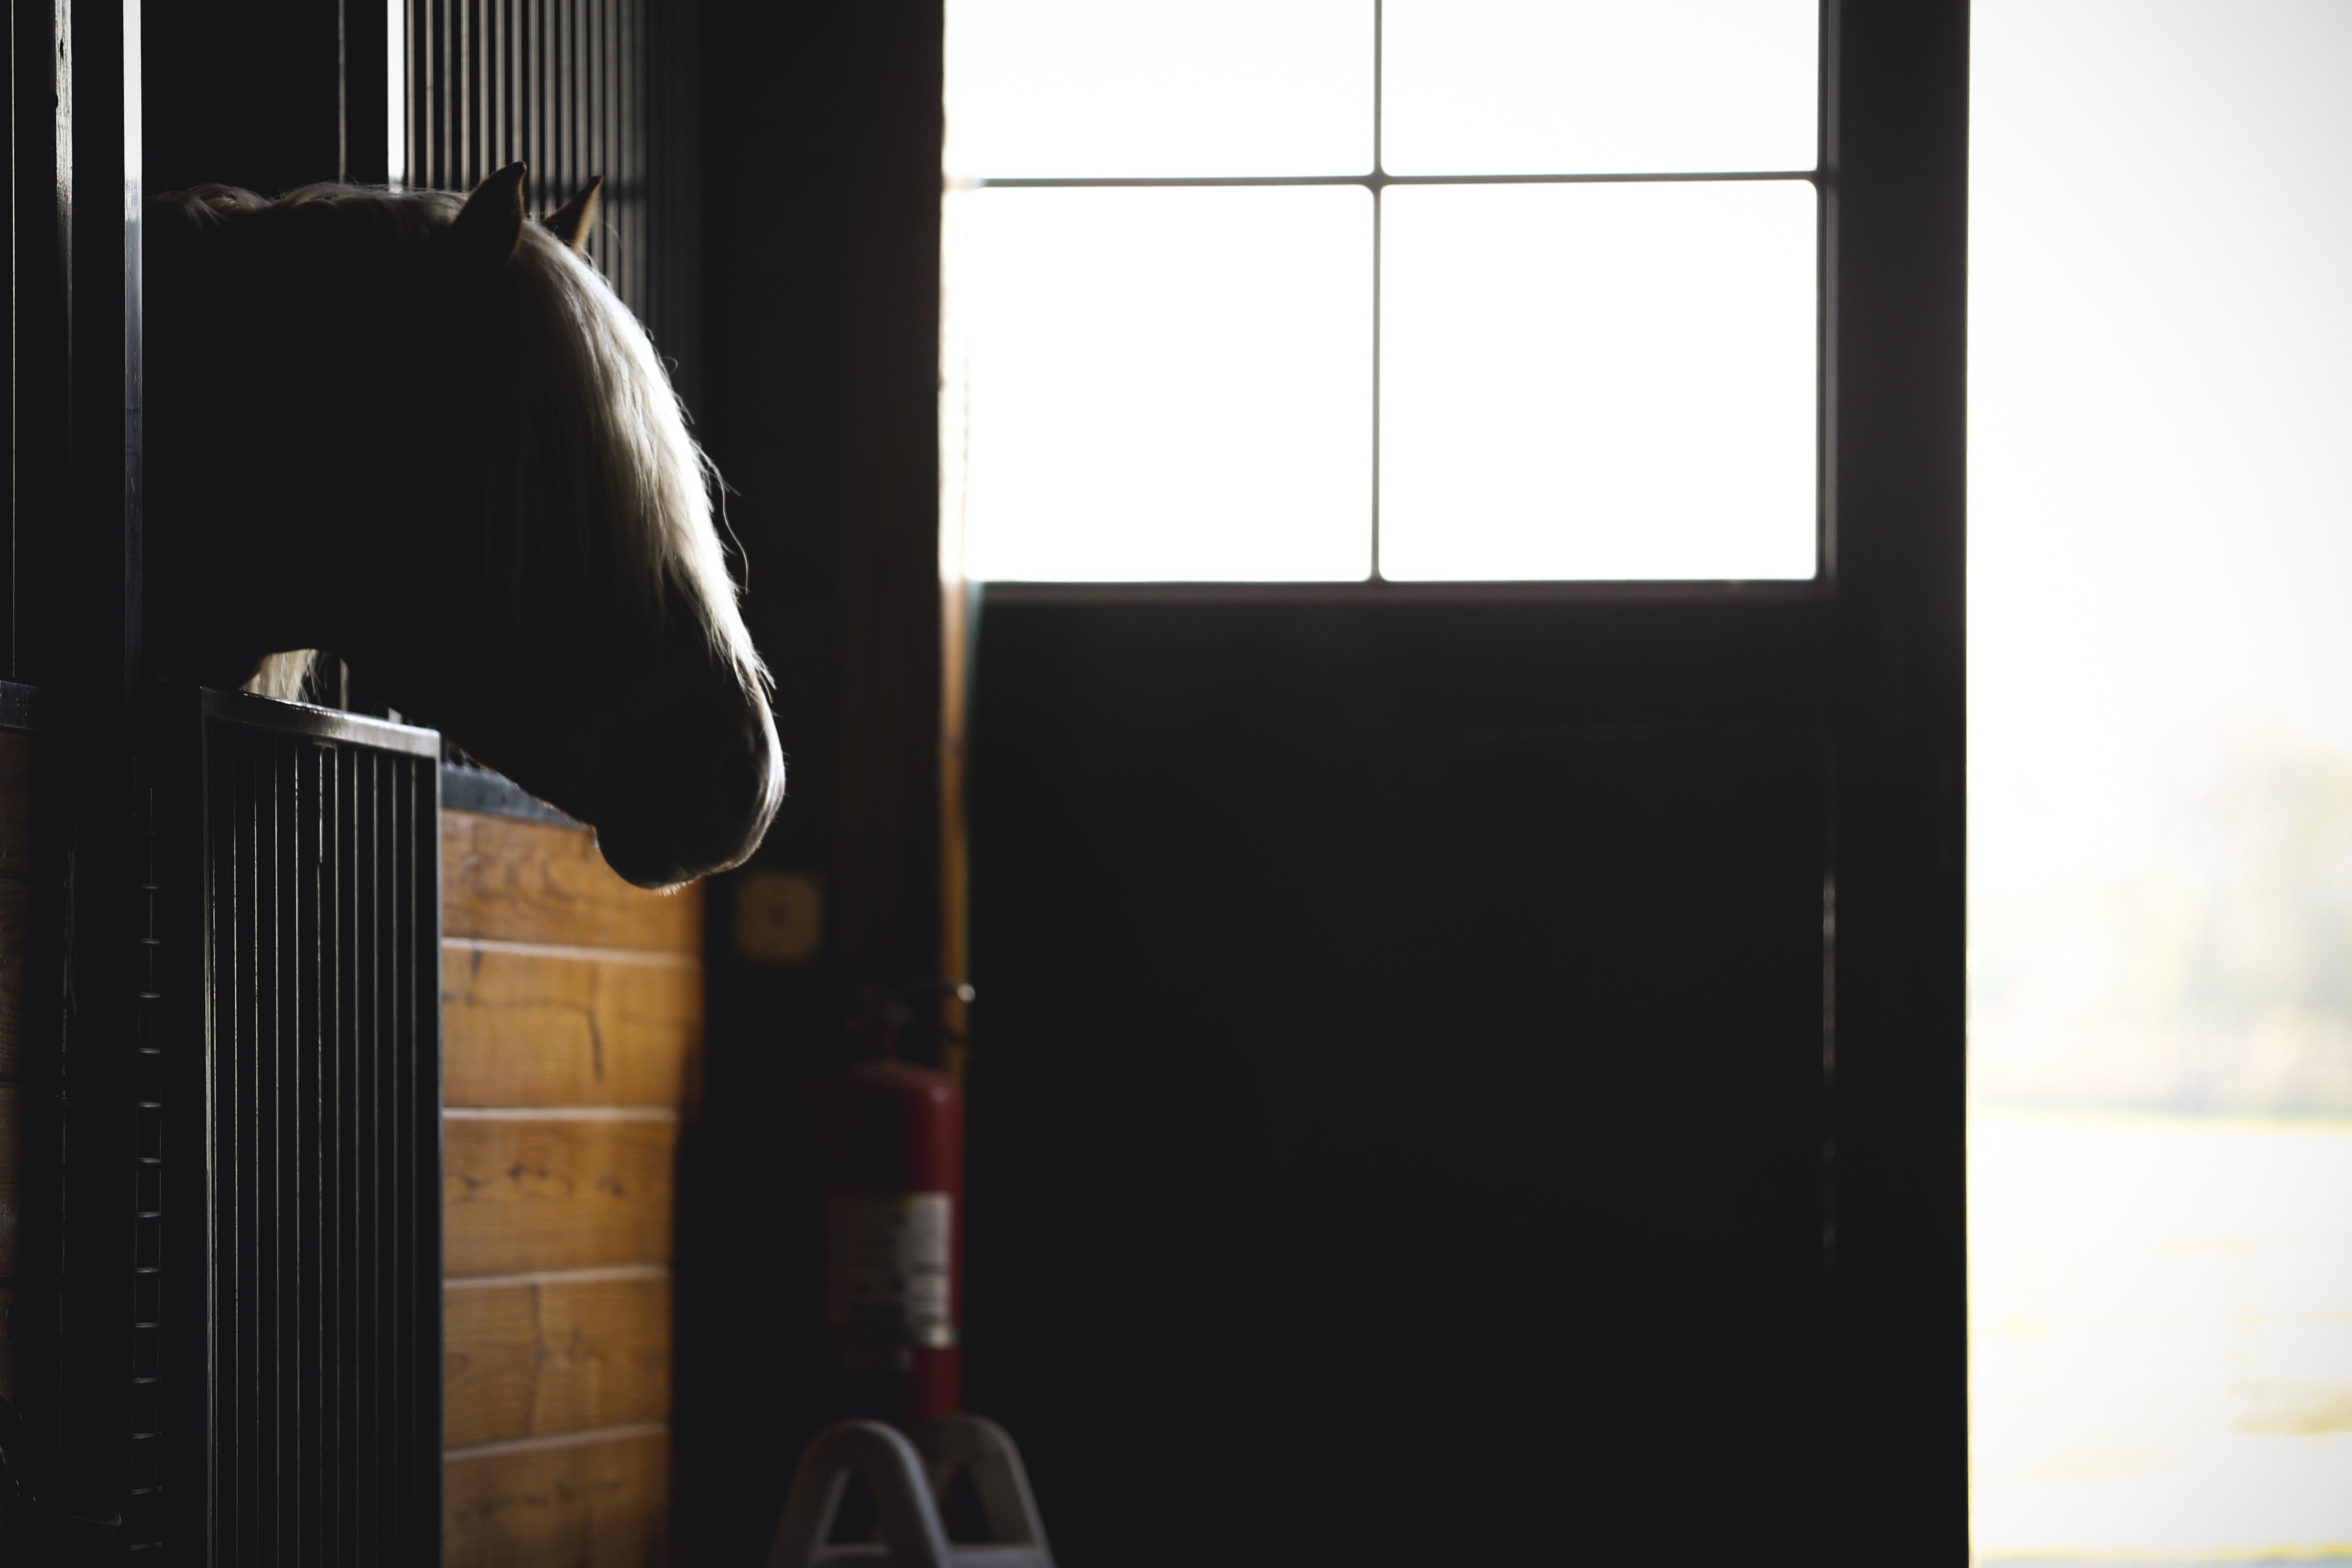 (c) Amanda Kolstedt Photography